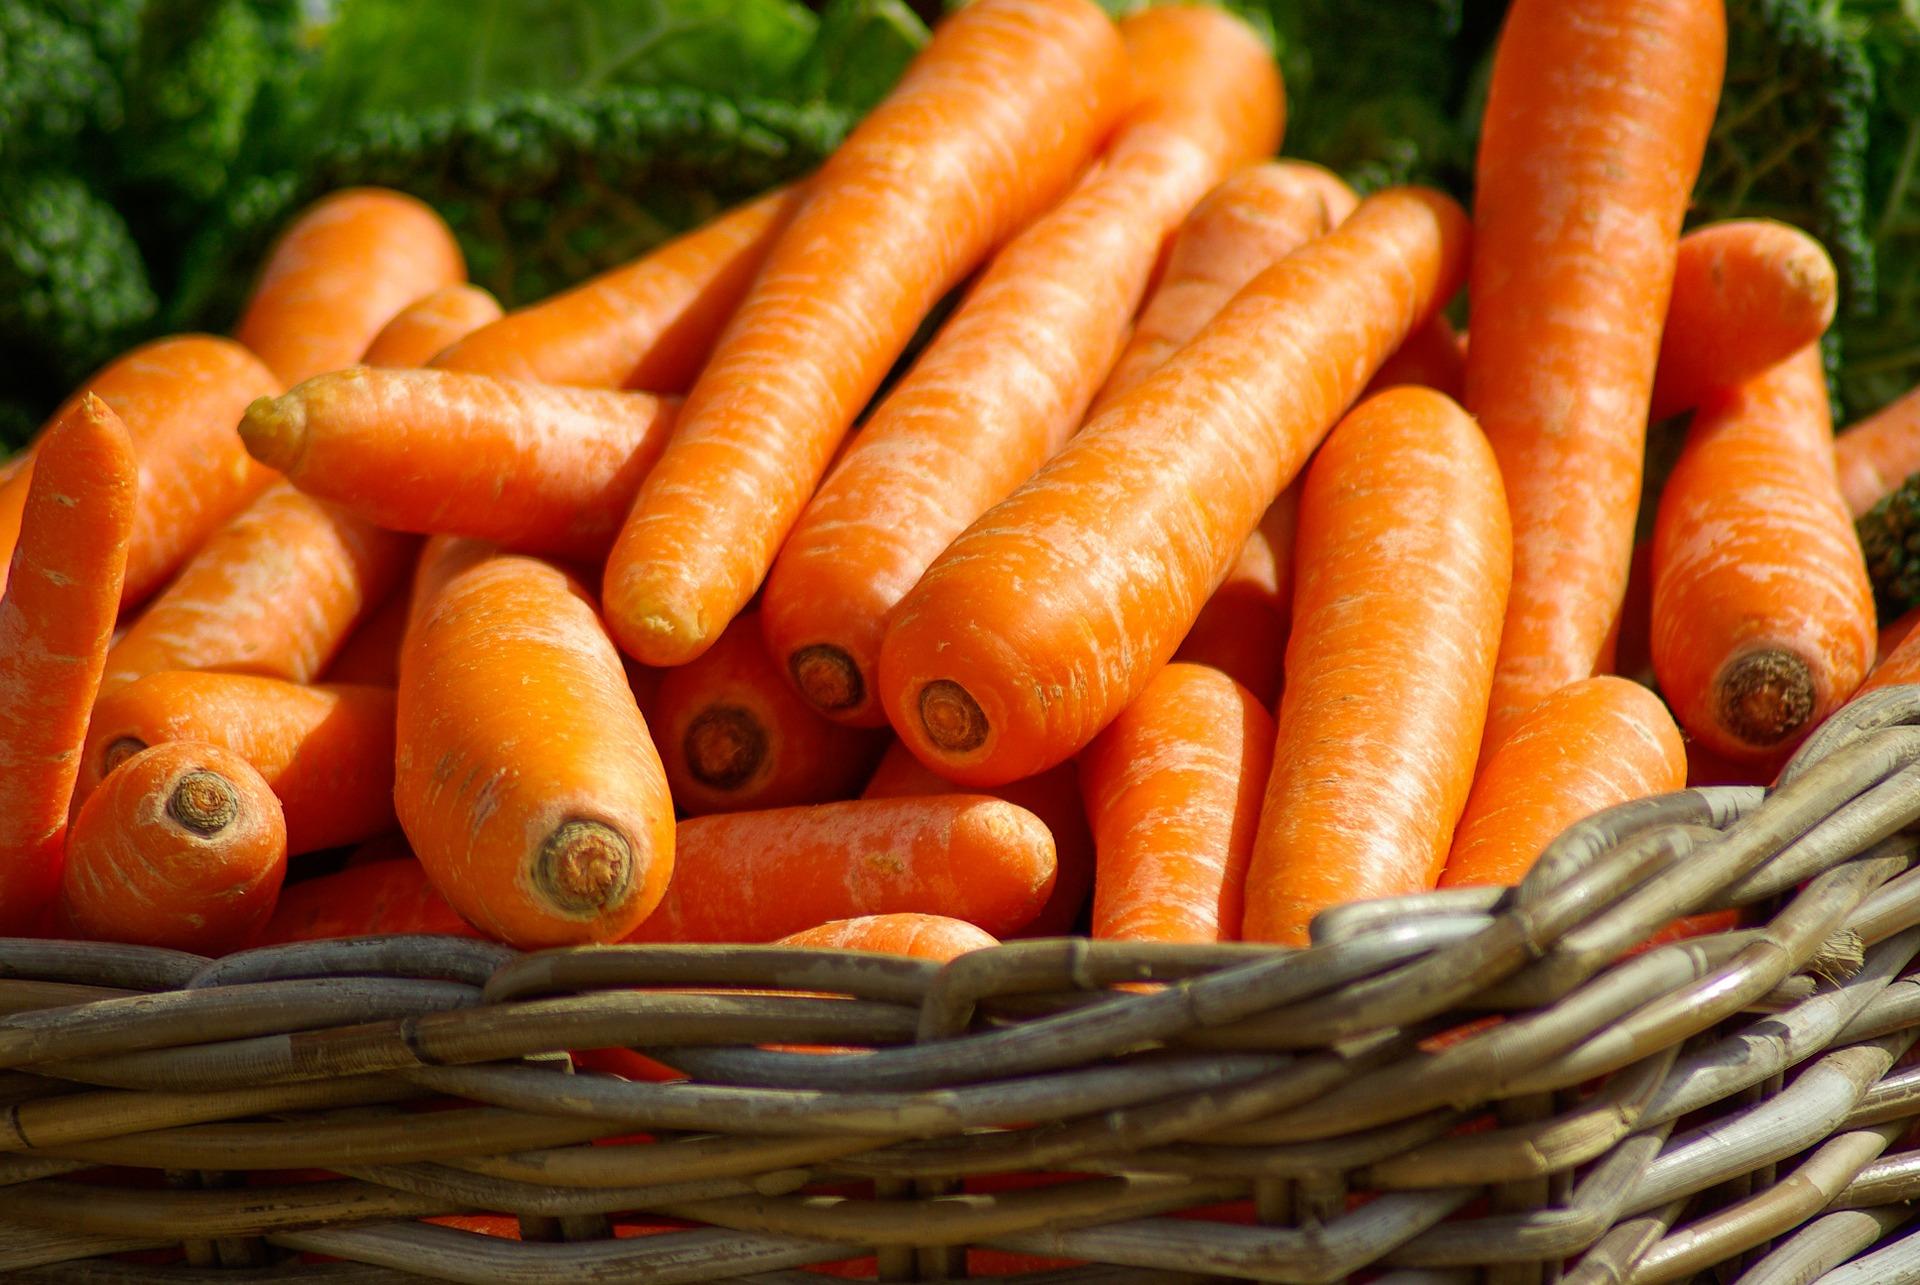 Temps de cuisson des carottes : tout savoir pour préparer de délicieux plats